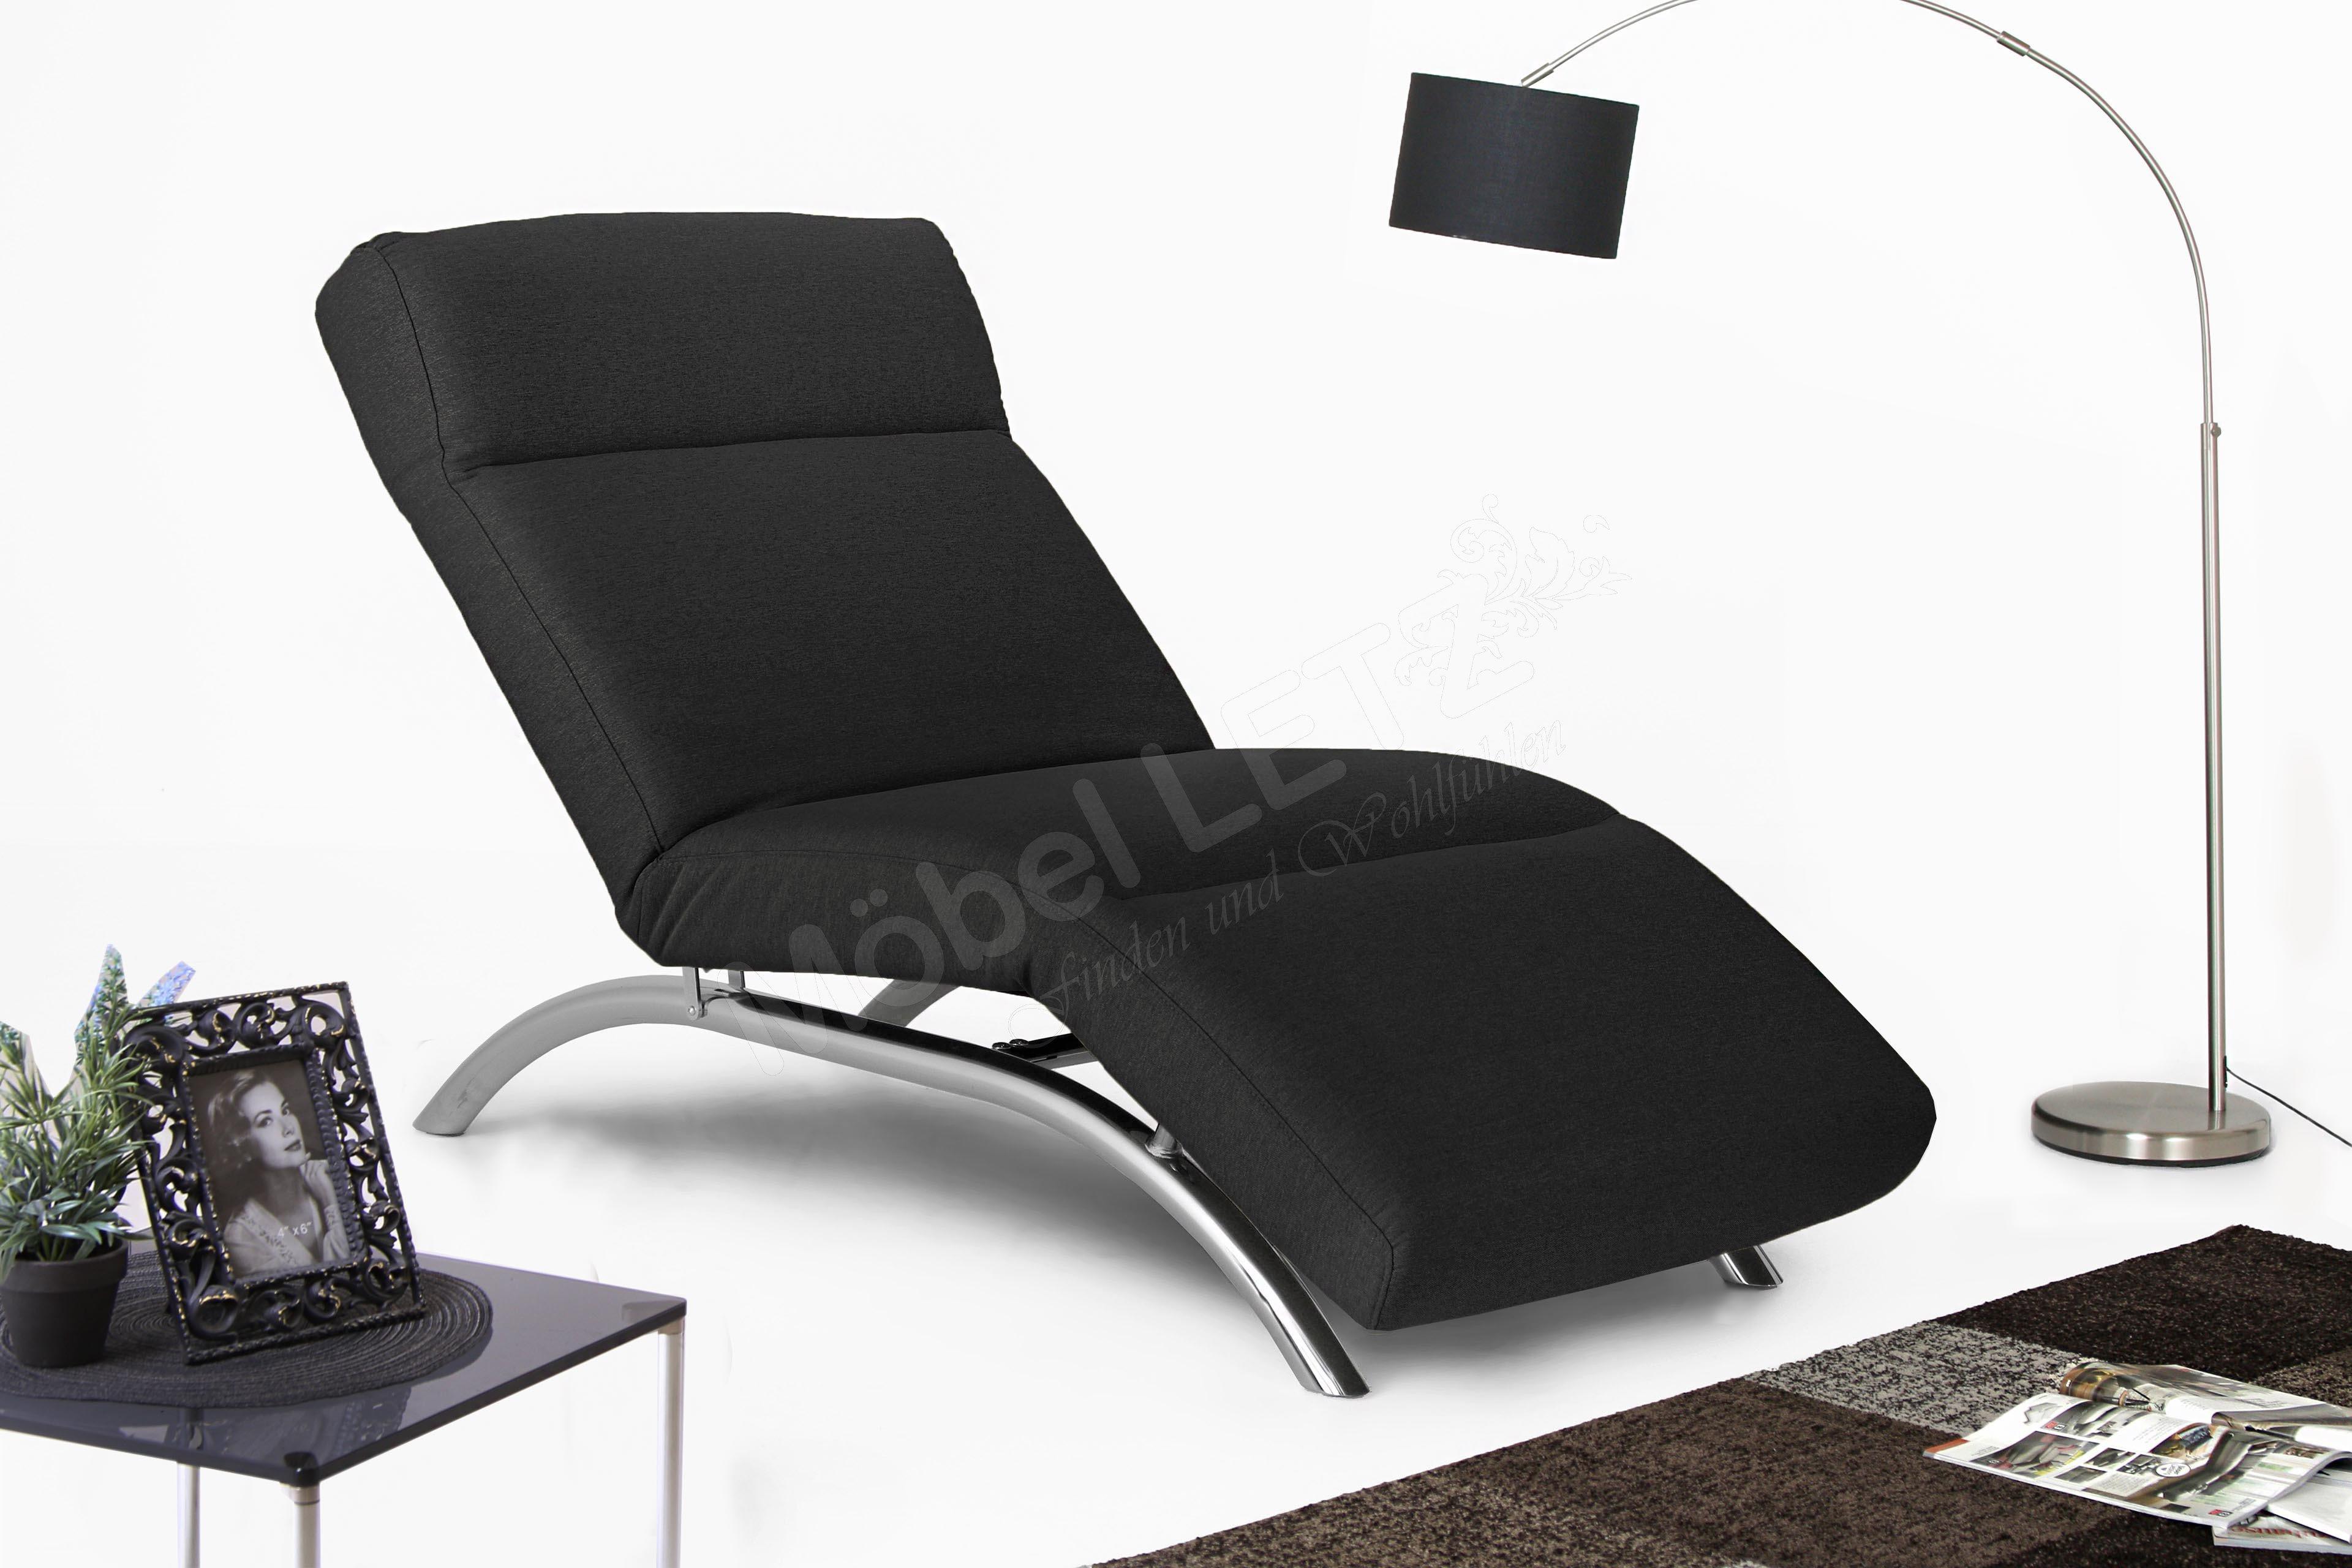 space von candy relaxliege anthrazit m bel letz ihr. Black Bedroom Furniture Sets. Home Design Ideas